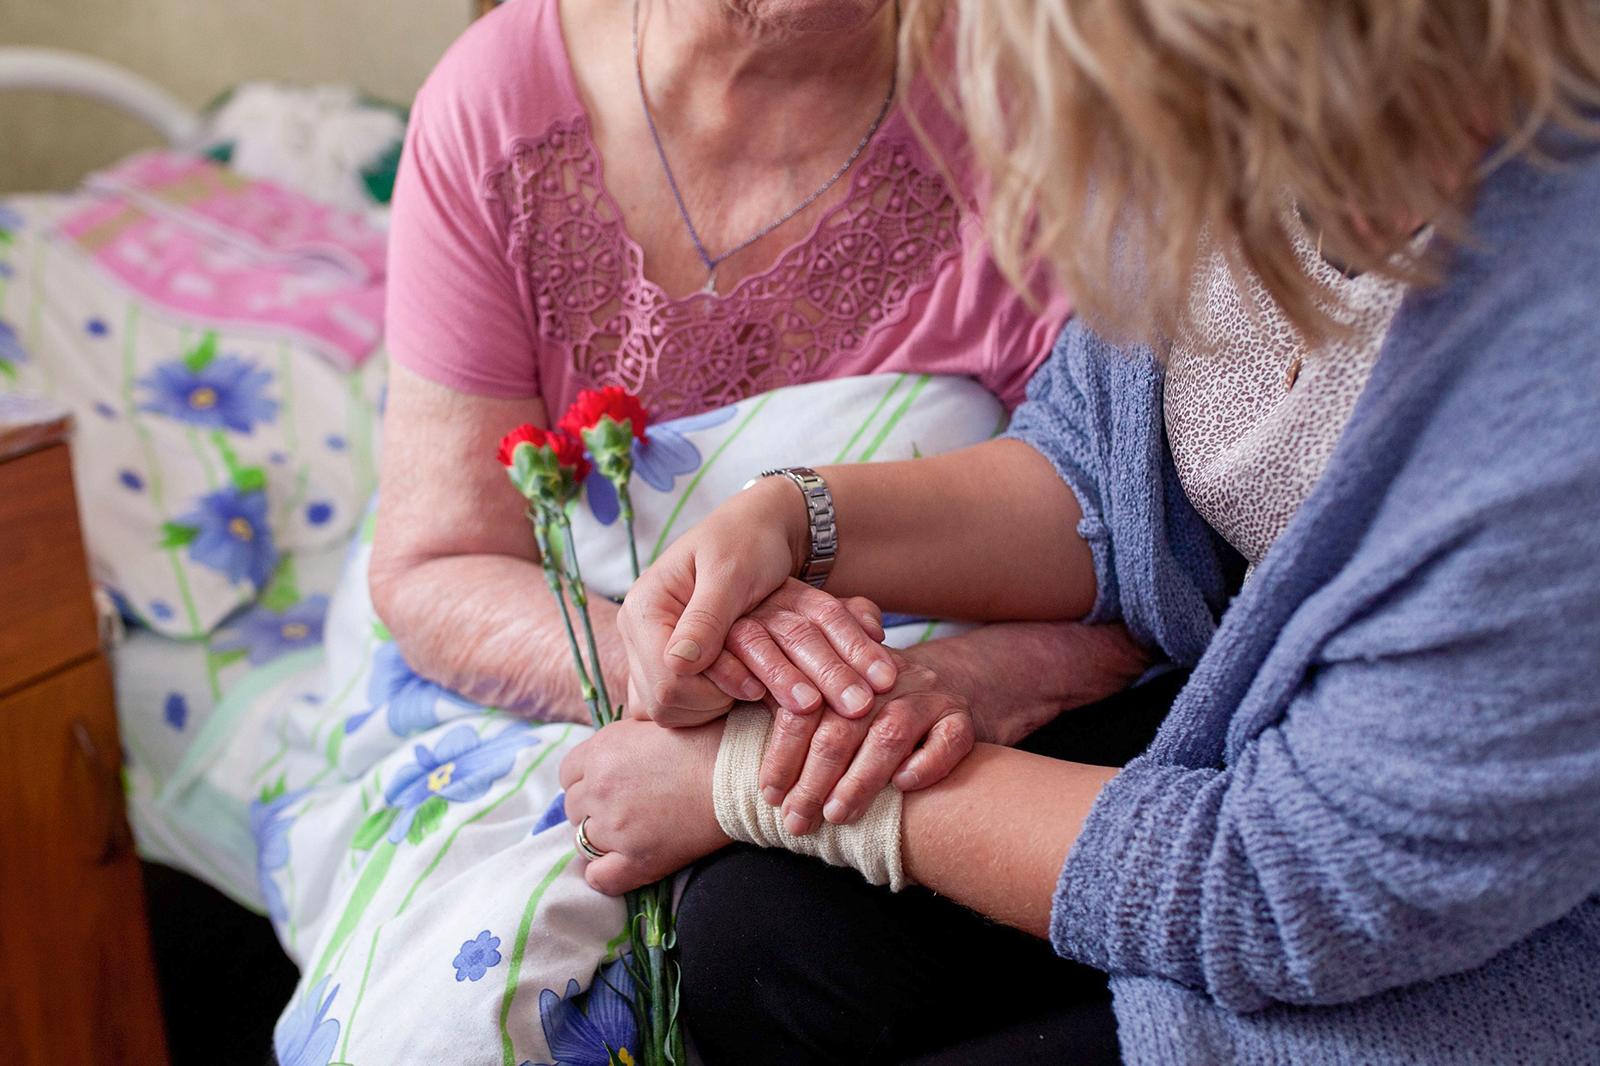 Чем можно помочь в домах престарелых сестринский дом ухода за пожилыми престарелыми и инвалидами